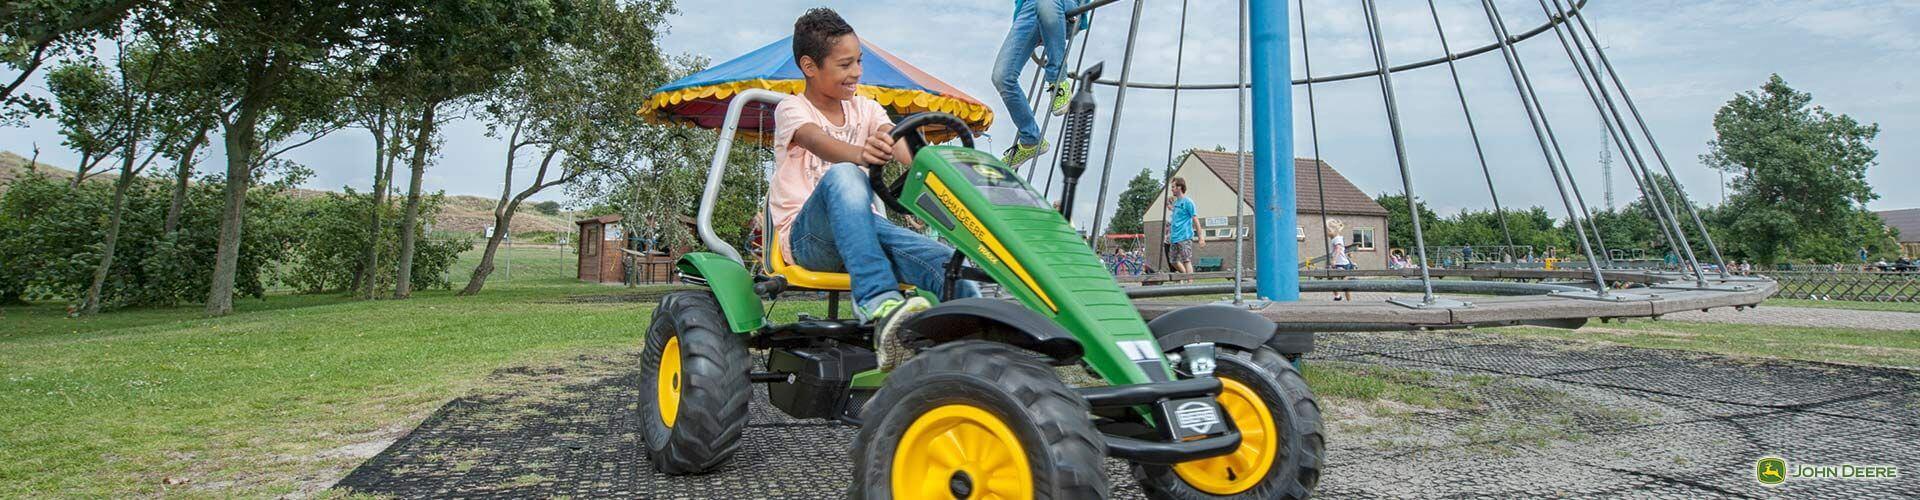 John Deere für Kinder günstig kaufen auf gokart-profi.de